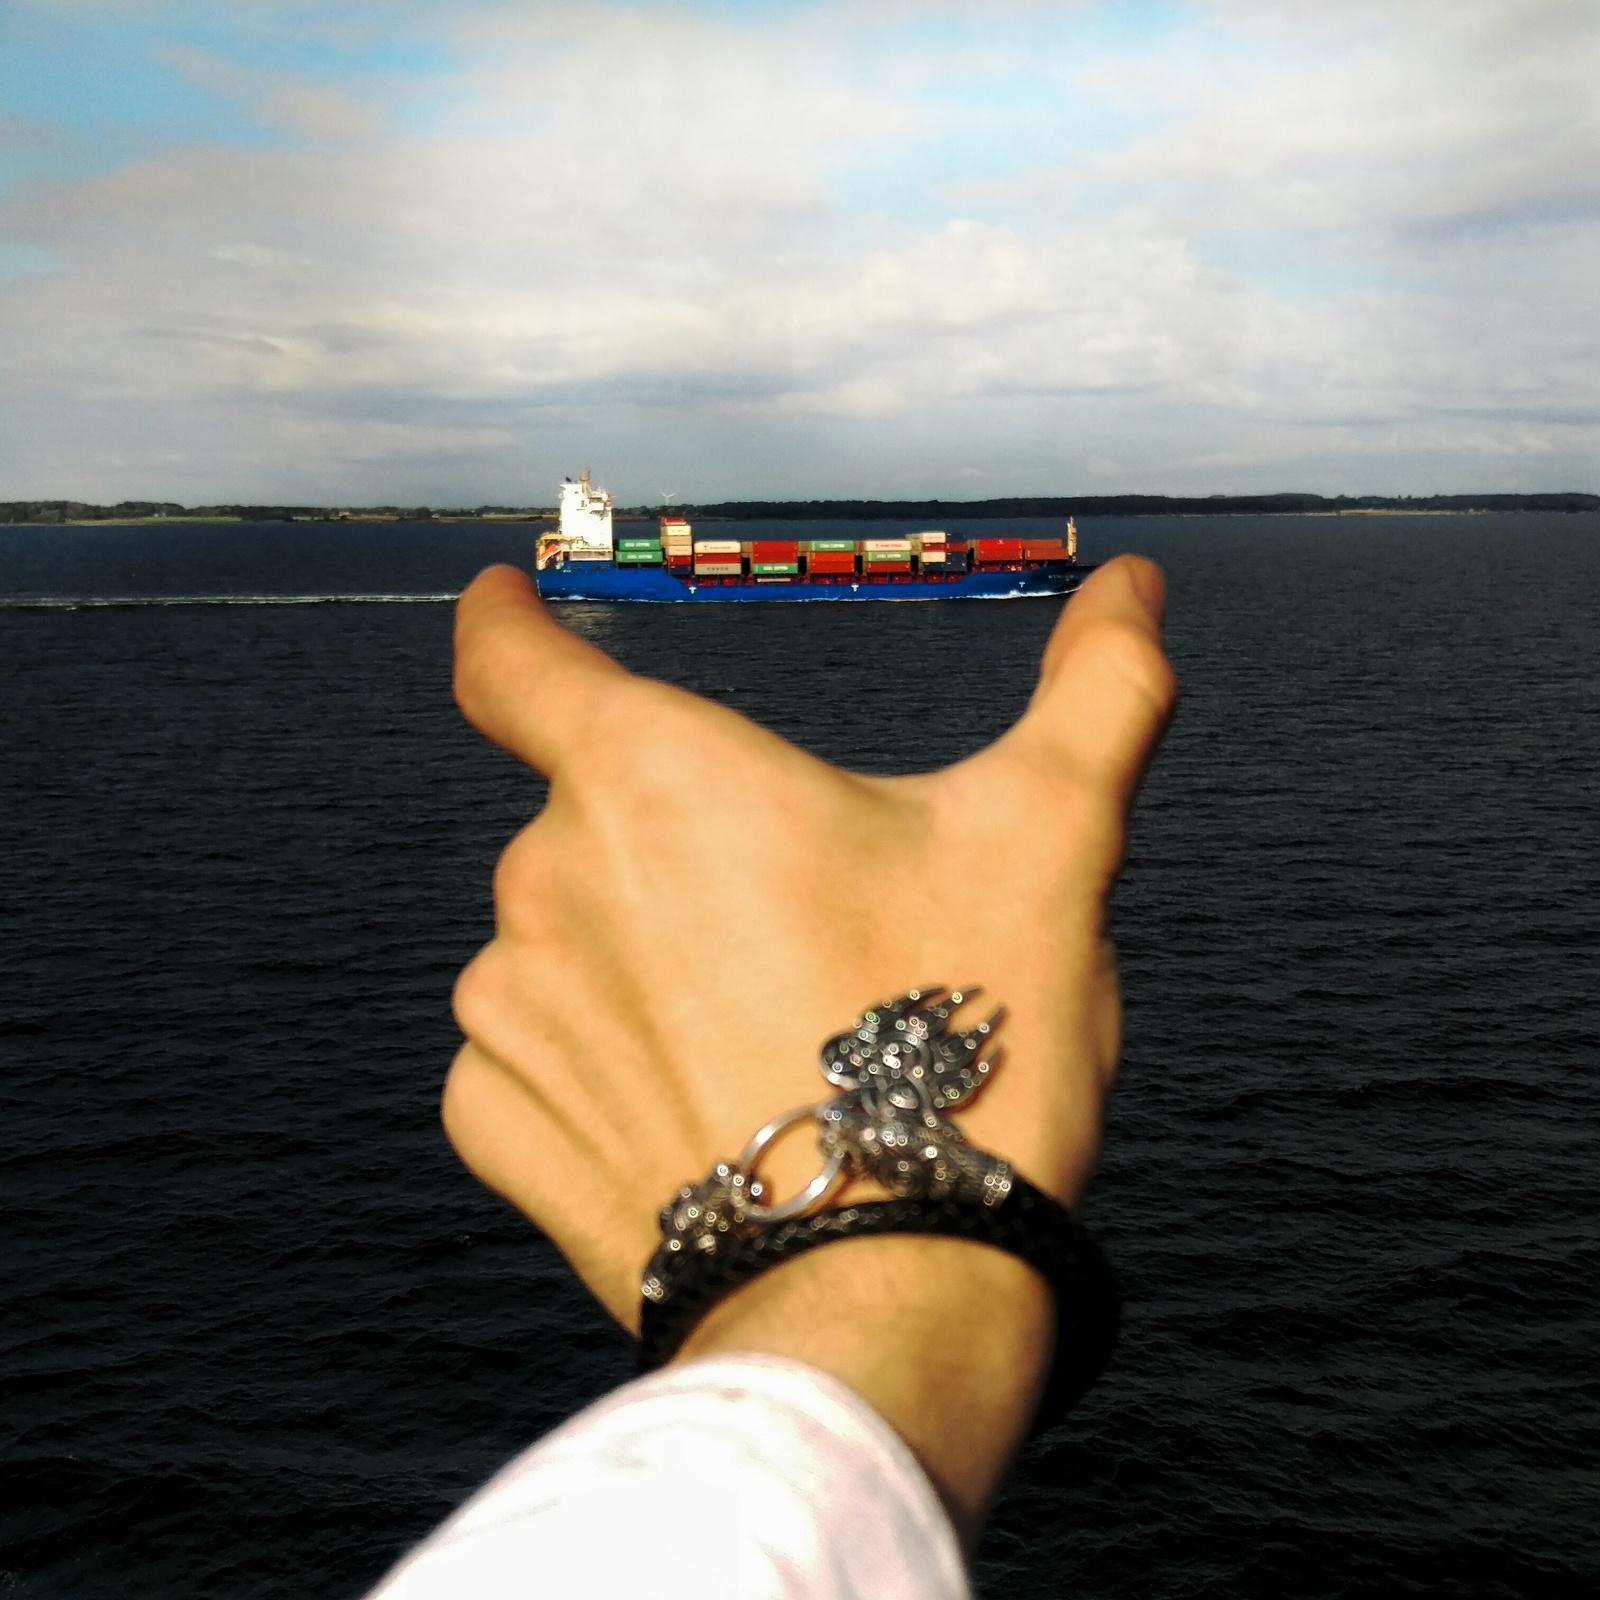 Ищете работу моряком? Несколько практических советов для моряков, ищущих работу